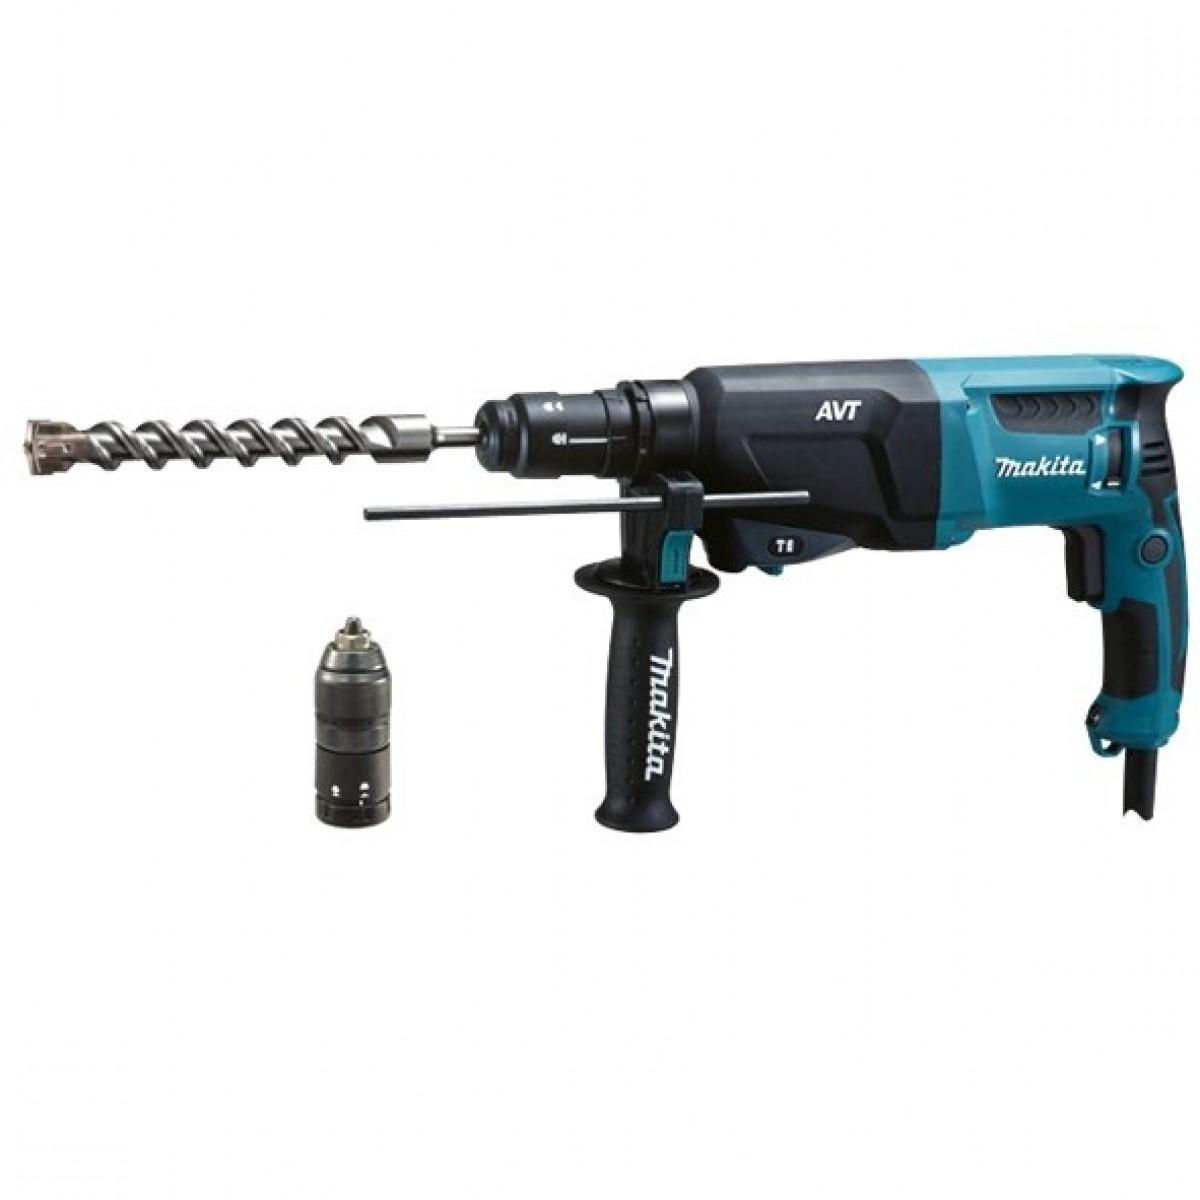 Makita borehammer SDS HR2631FTJ-31